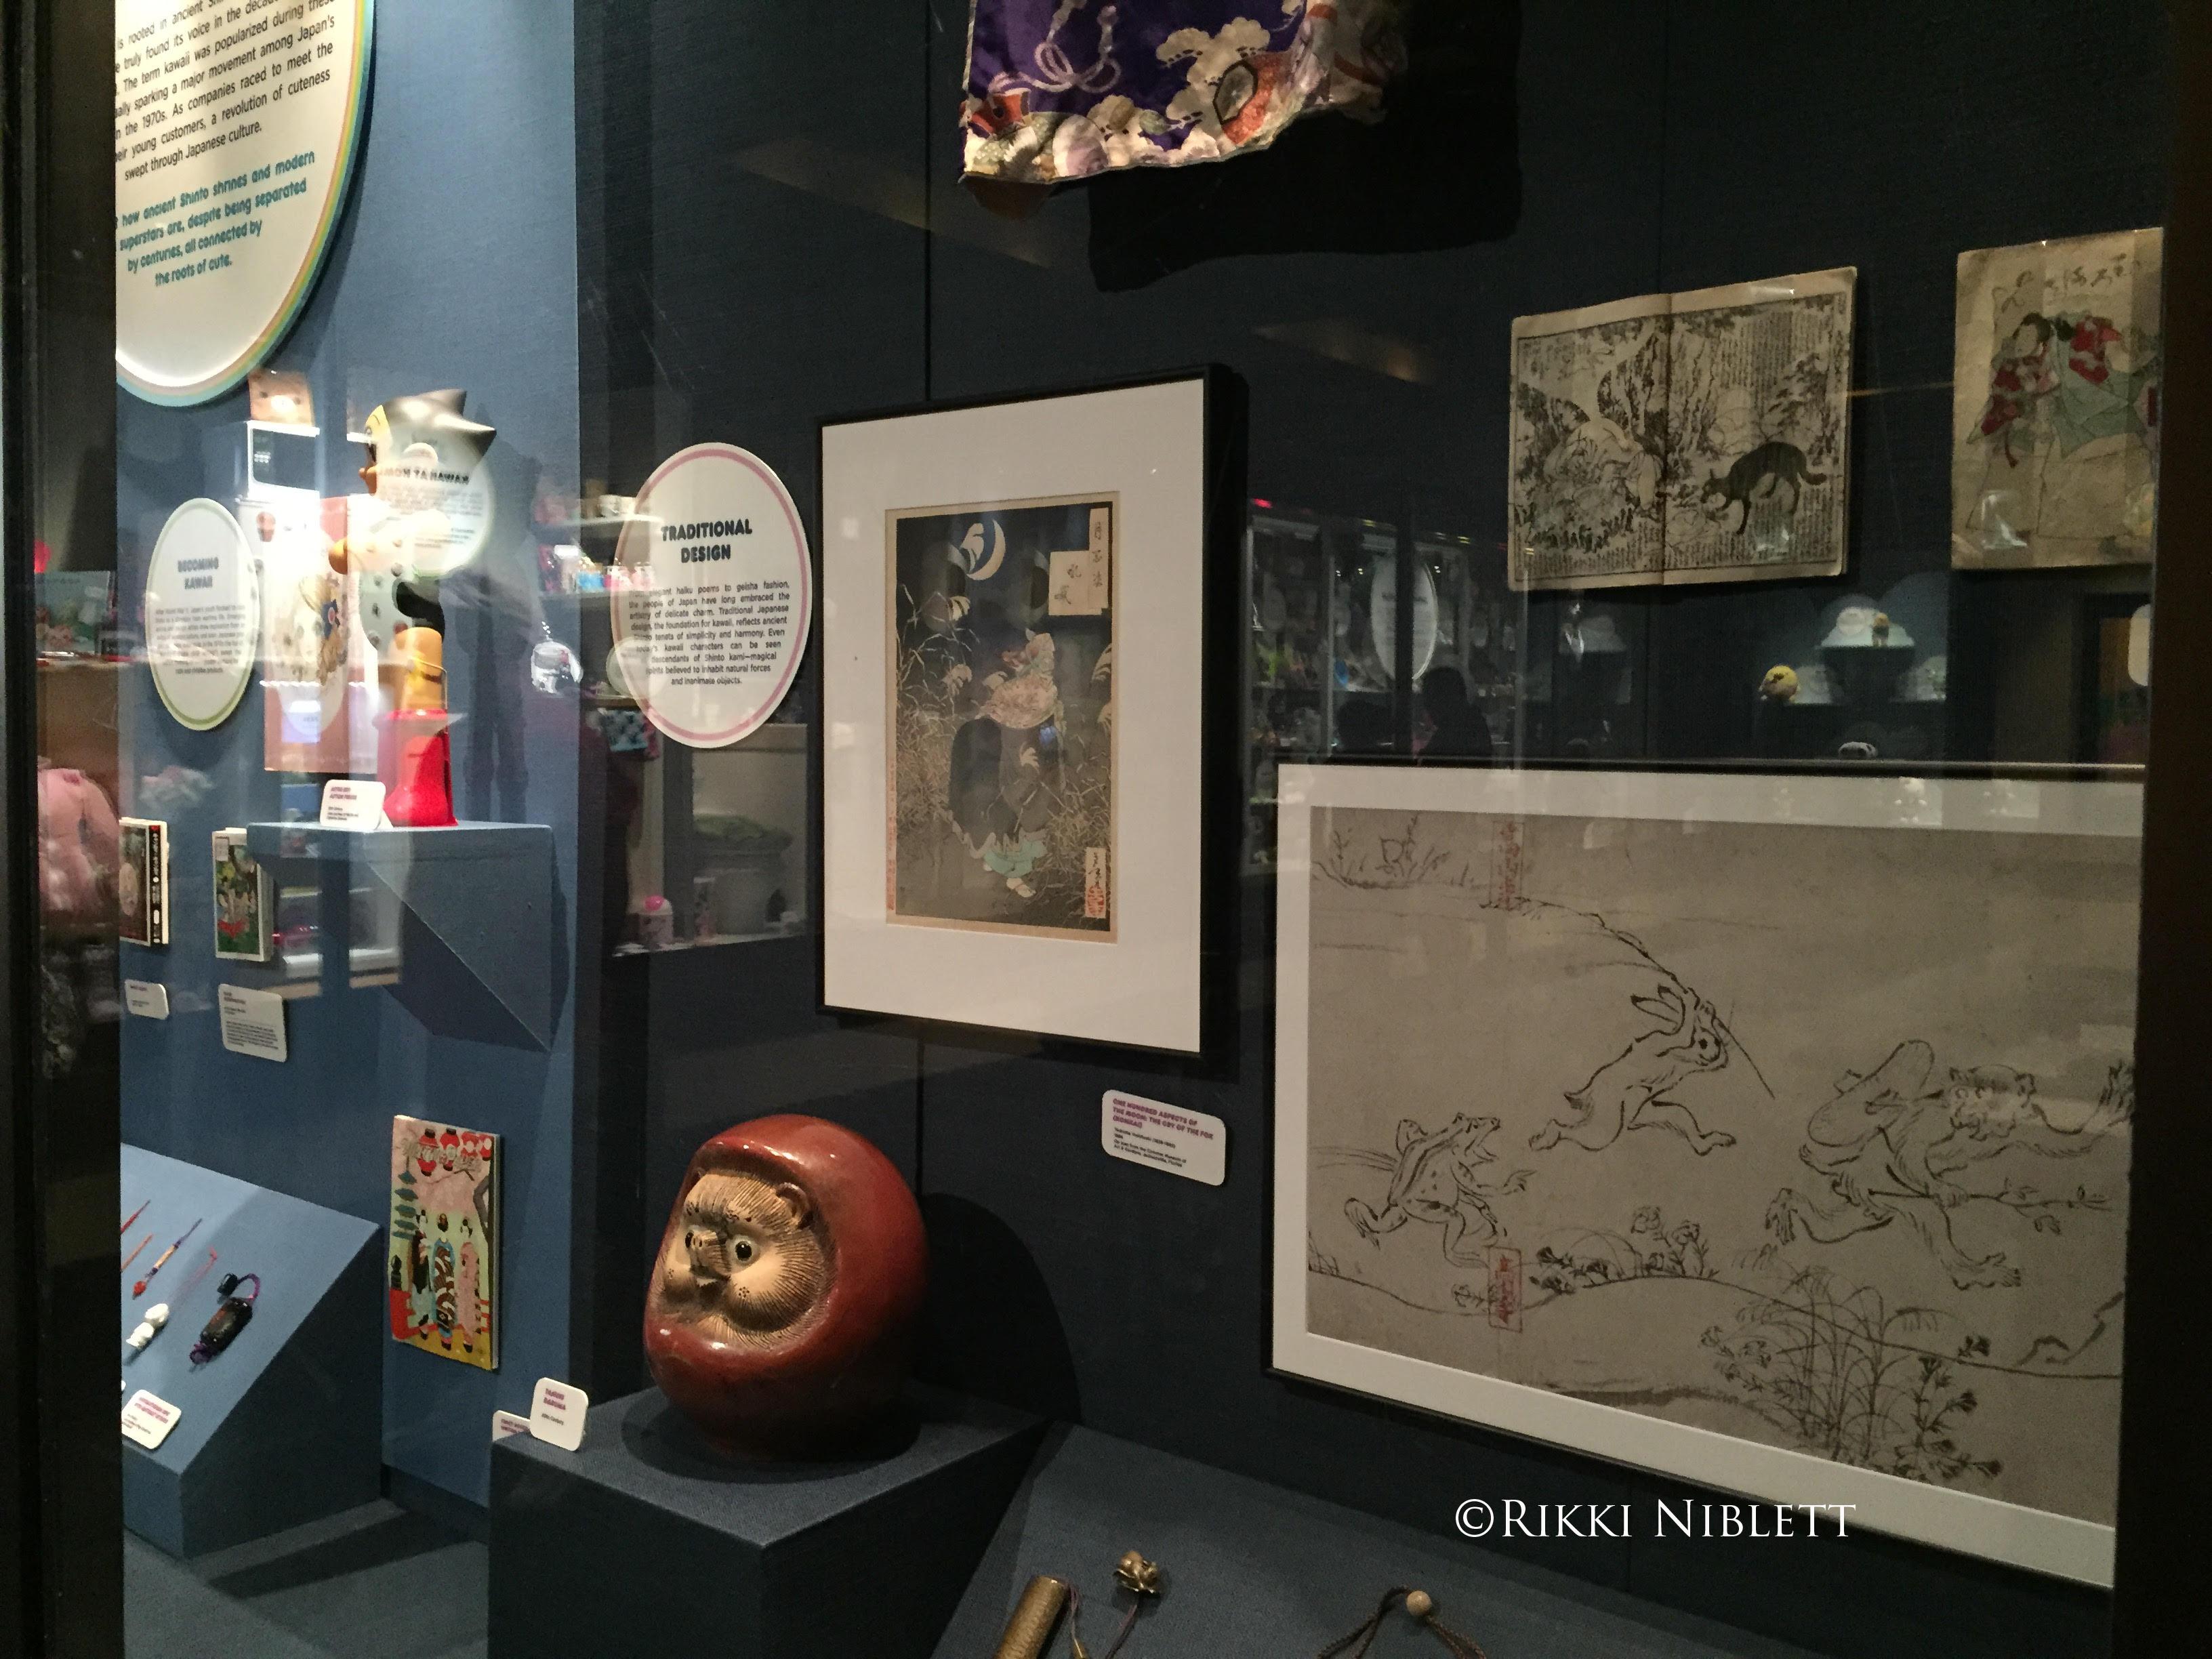 Exhibition Booth Japan : Explore the japan pavilion s newest exhibit kawaii